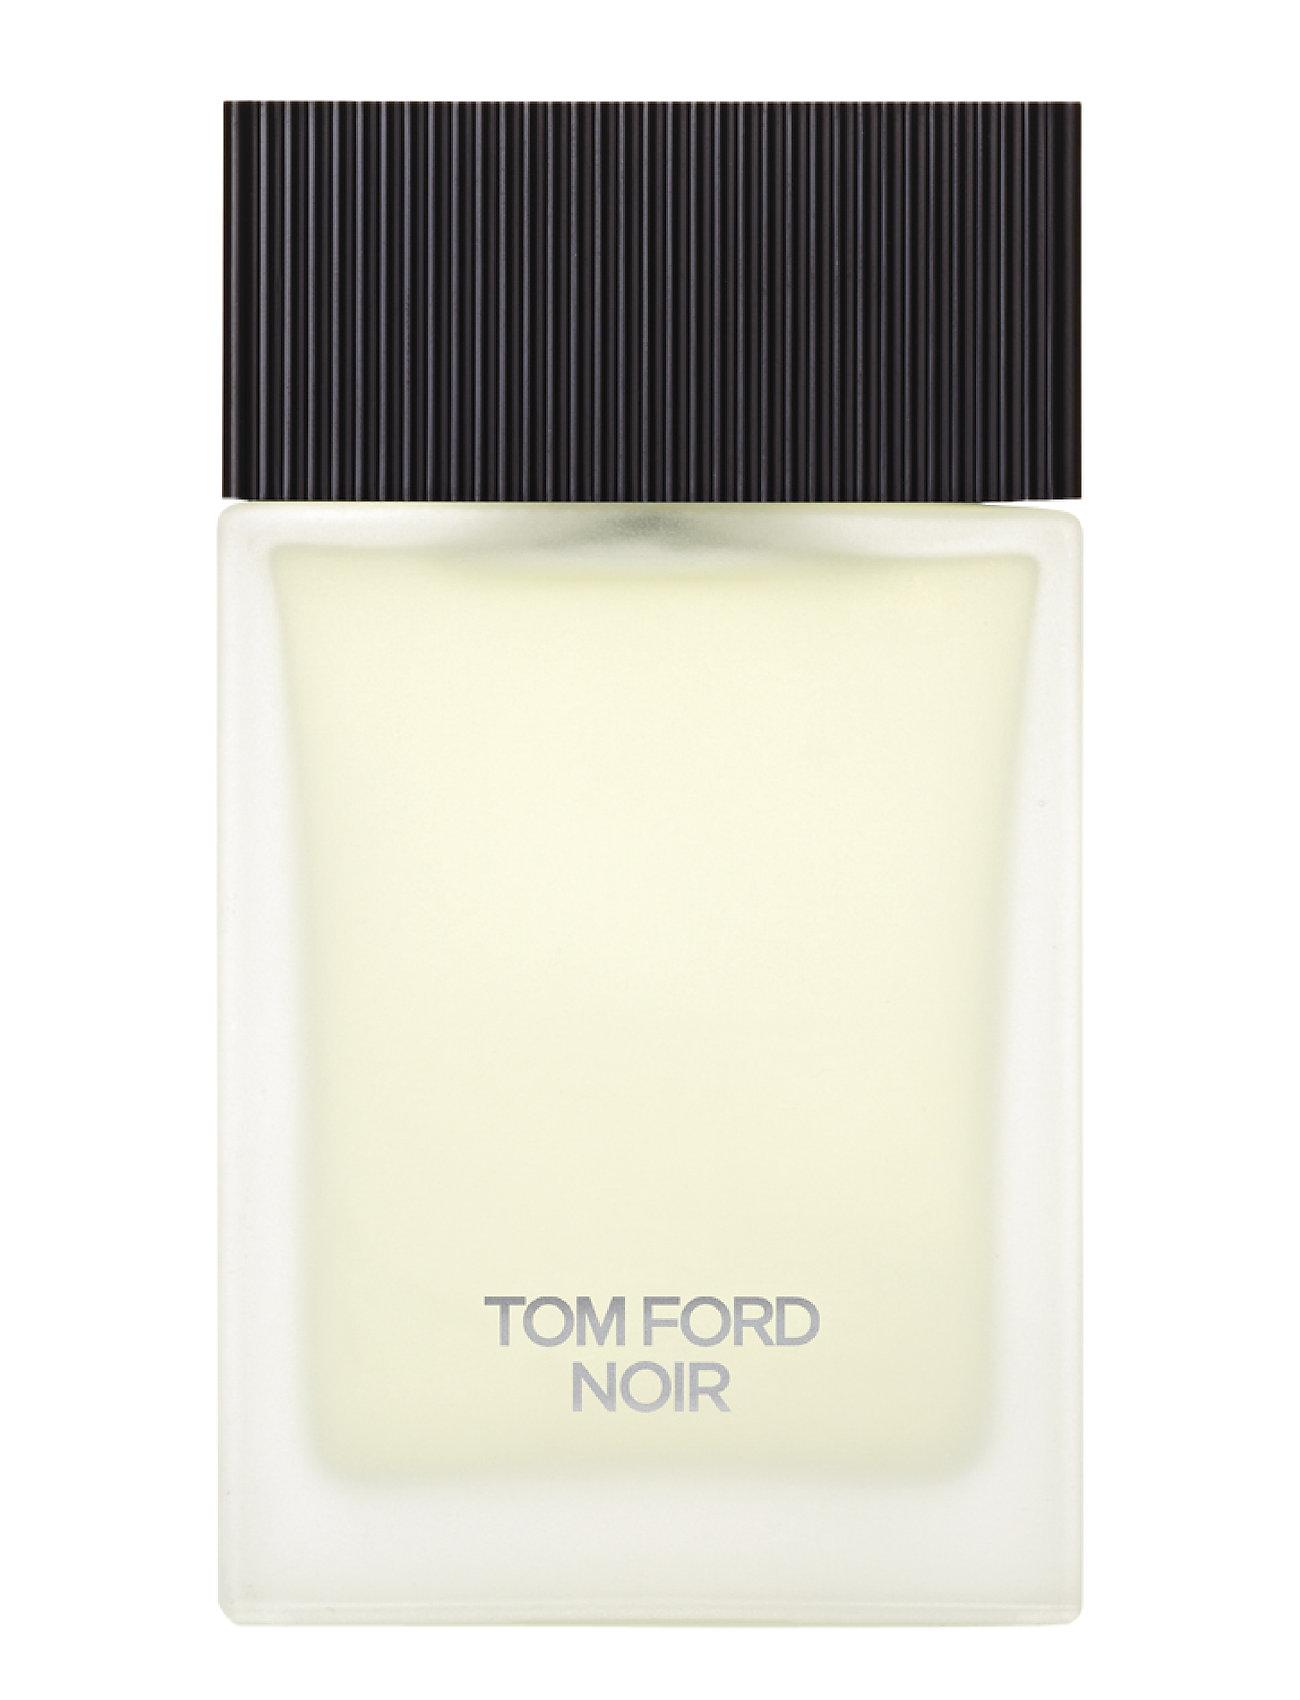 Tom ford noir eau de toilette fra tom ford fra boozt.com dk